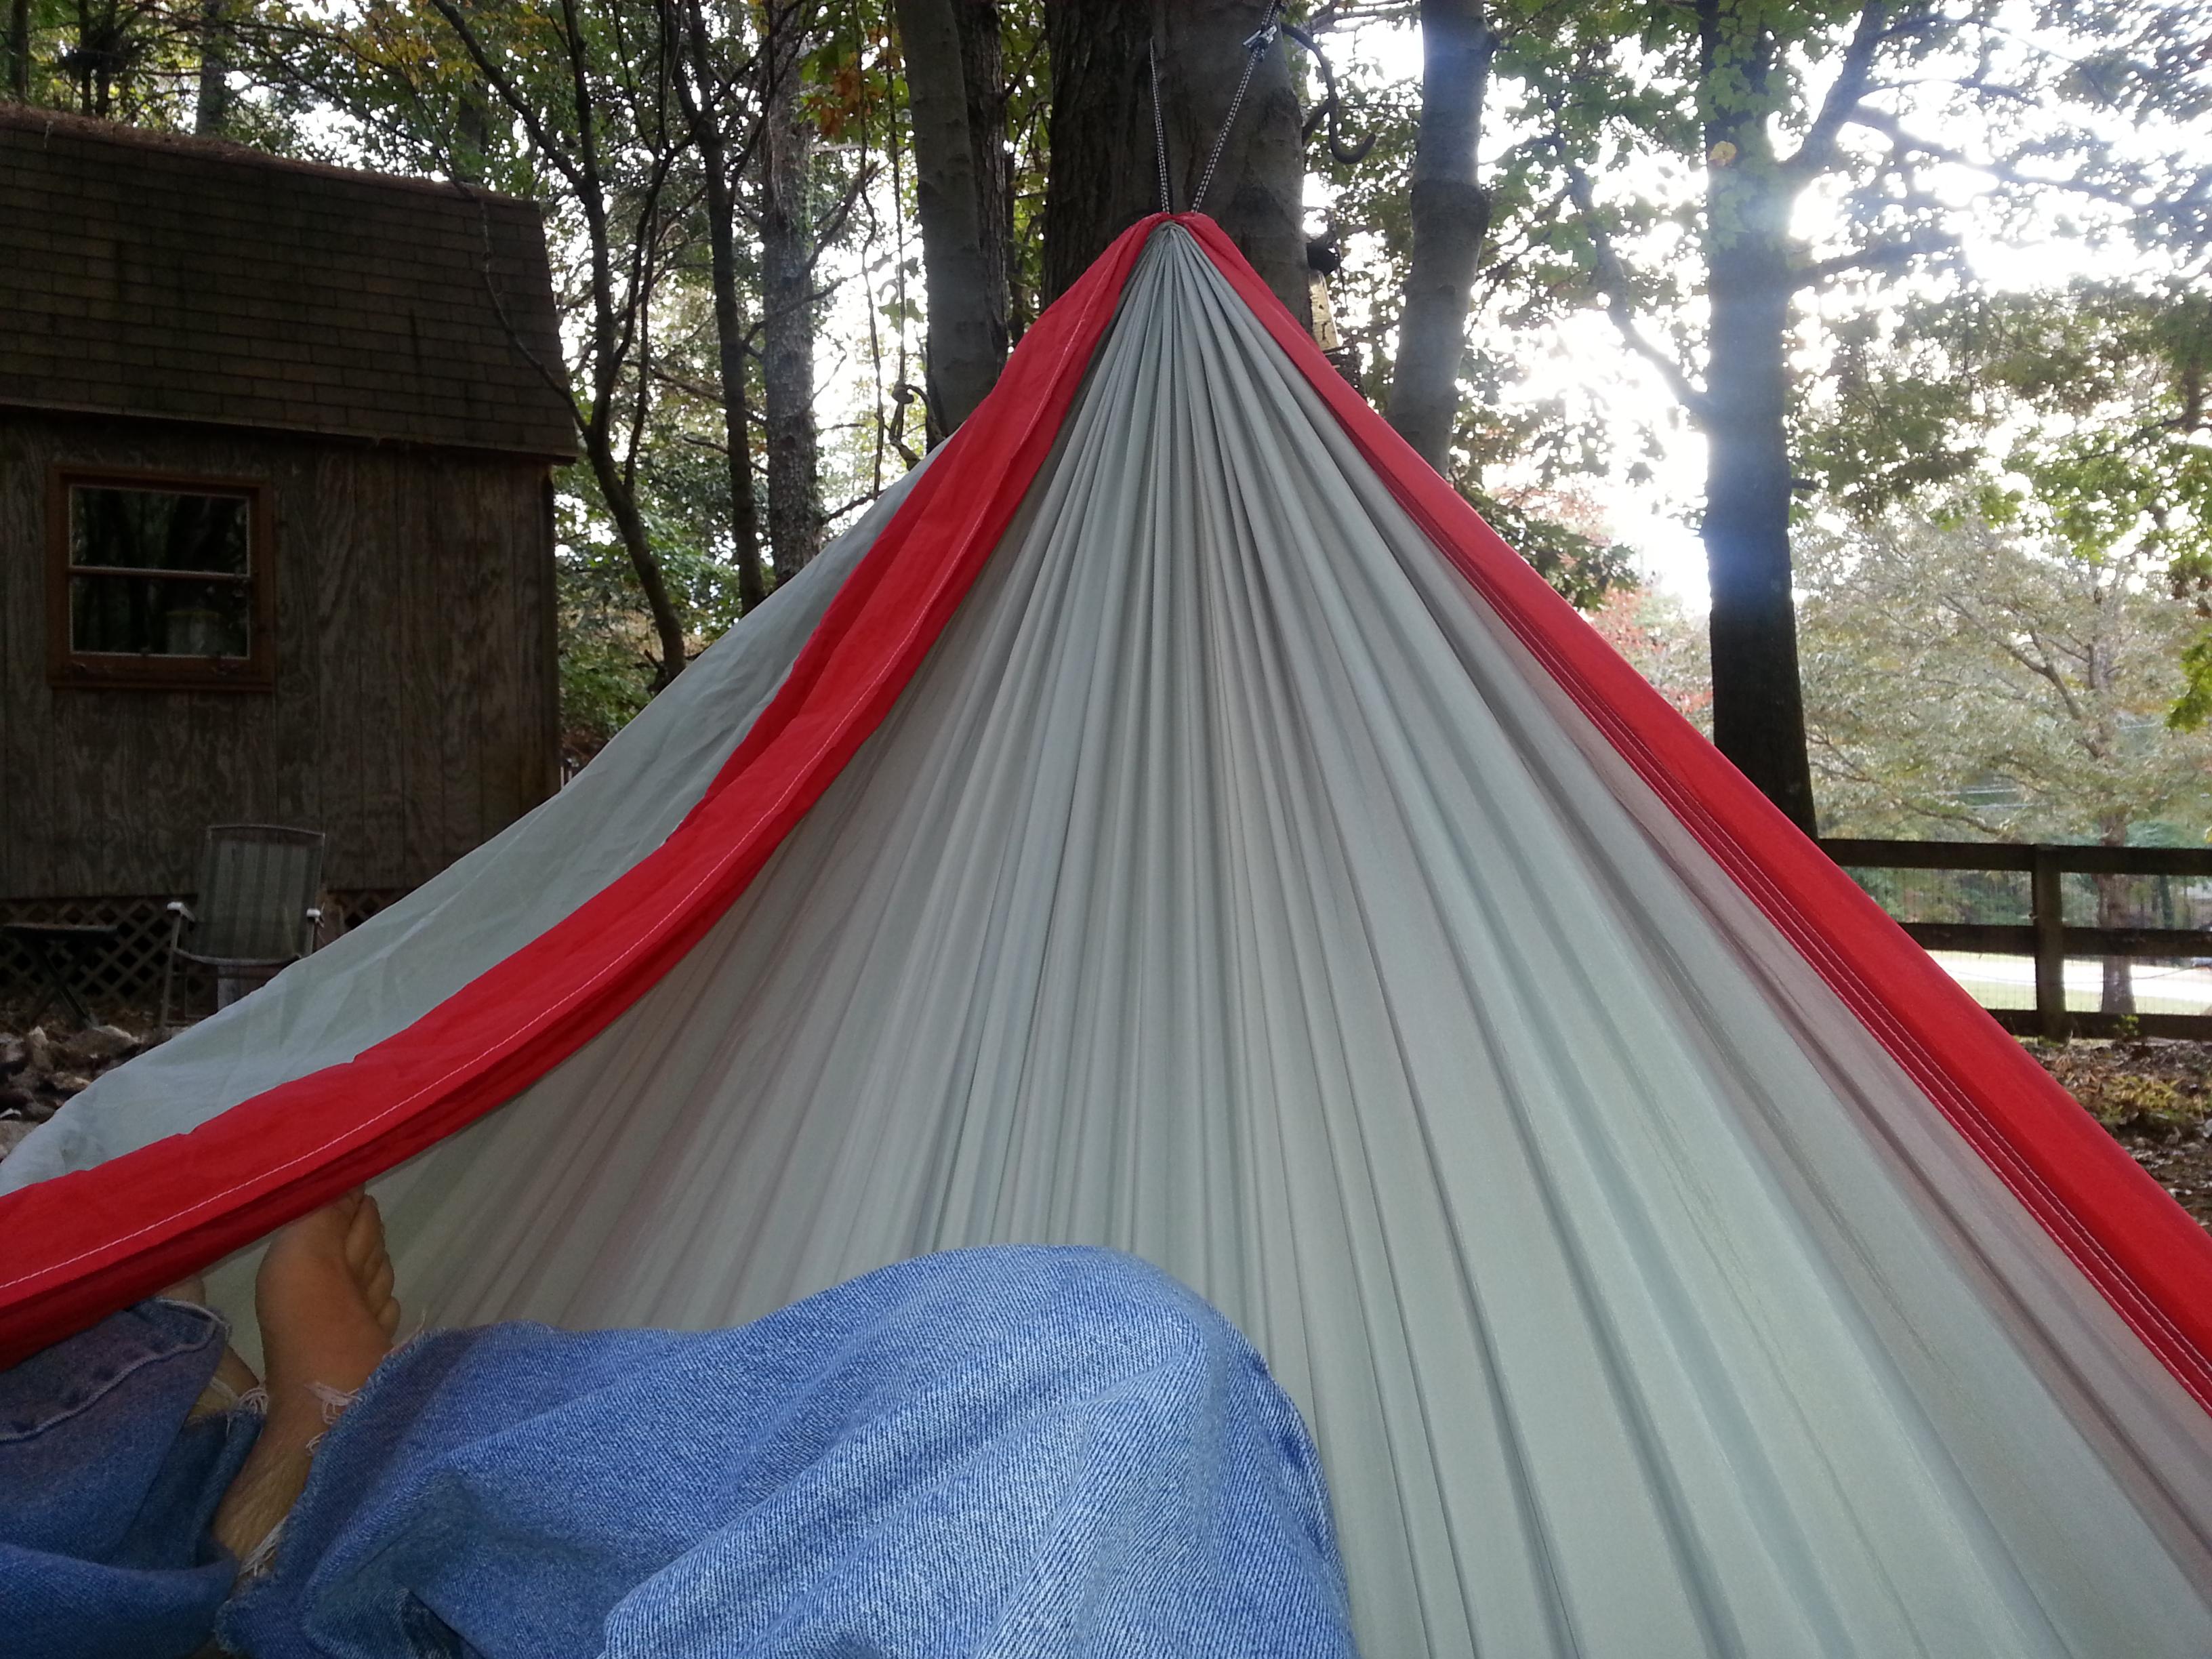 byer of maine hammock 005 traveler xxl double hammock gear review   outdoortrailgear hammock      rh   outdoortrailgear